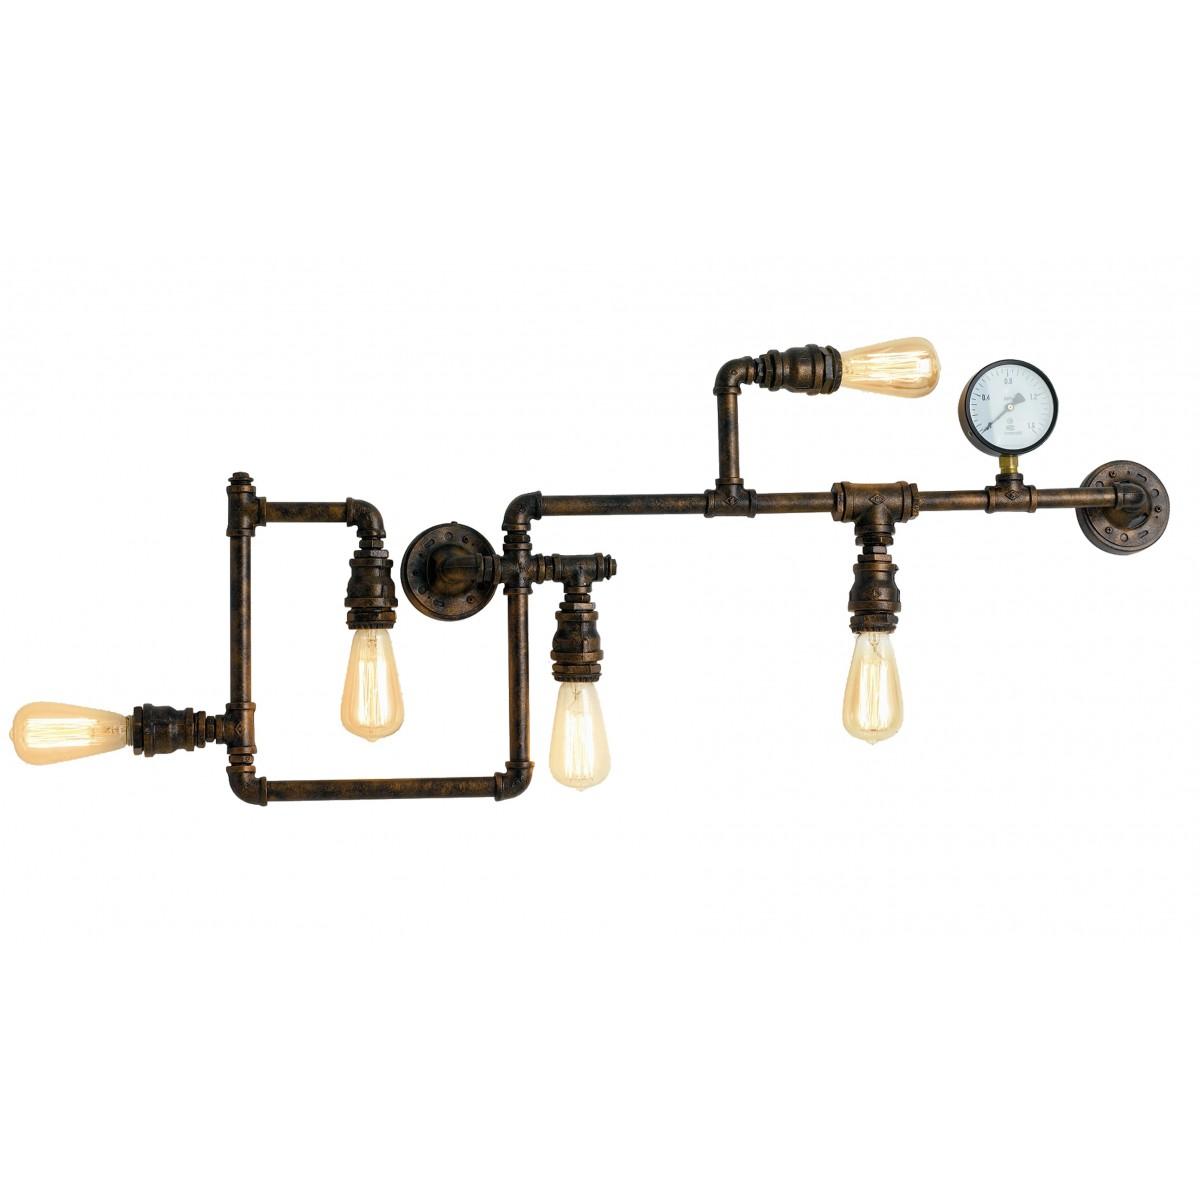 I-AMARCORD-PL5 - Plafonnier rustique en métal Plafond Plafond E27